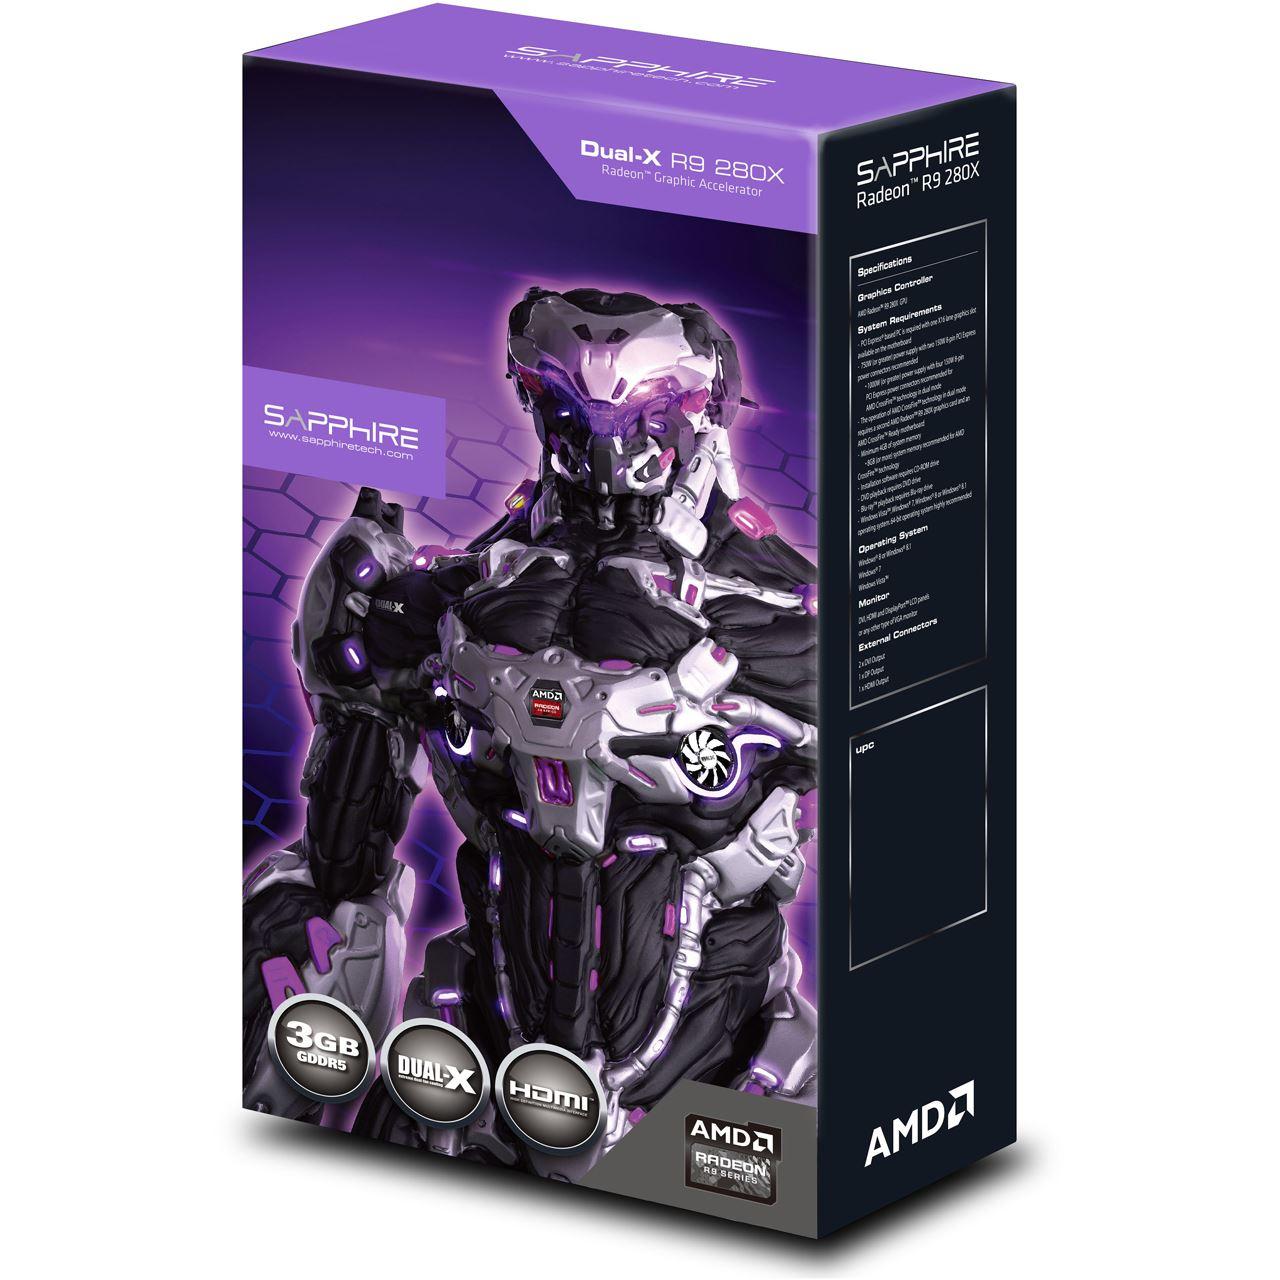 3GB Sapphire Radeon R9 280X Dual-X Aktiv PCIe 3 0 x16 (Lite Retail)